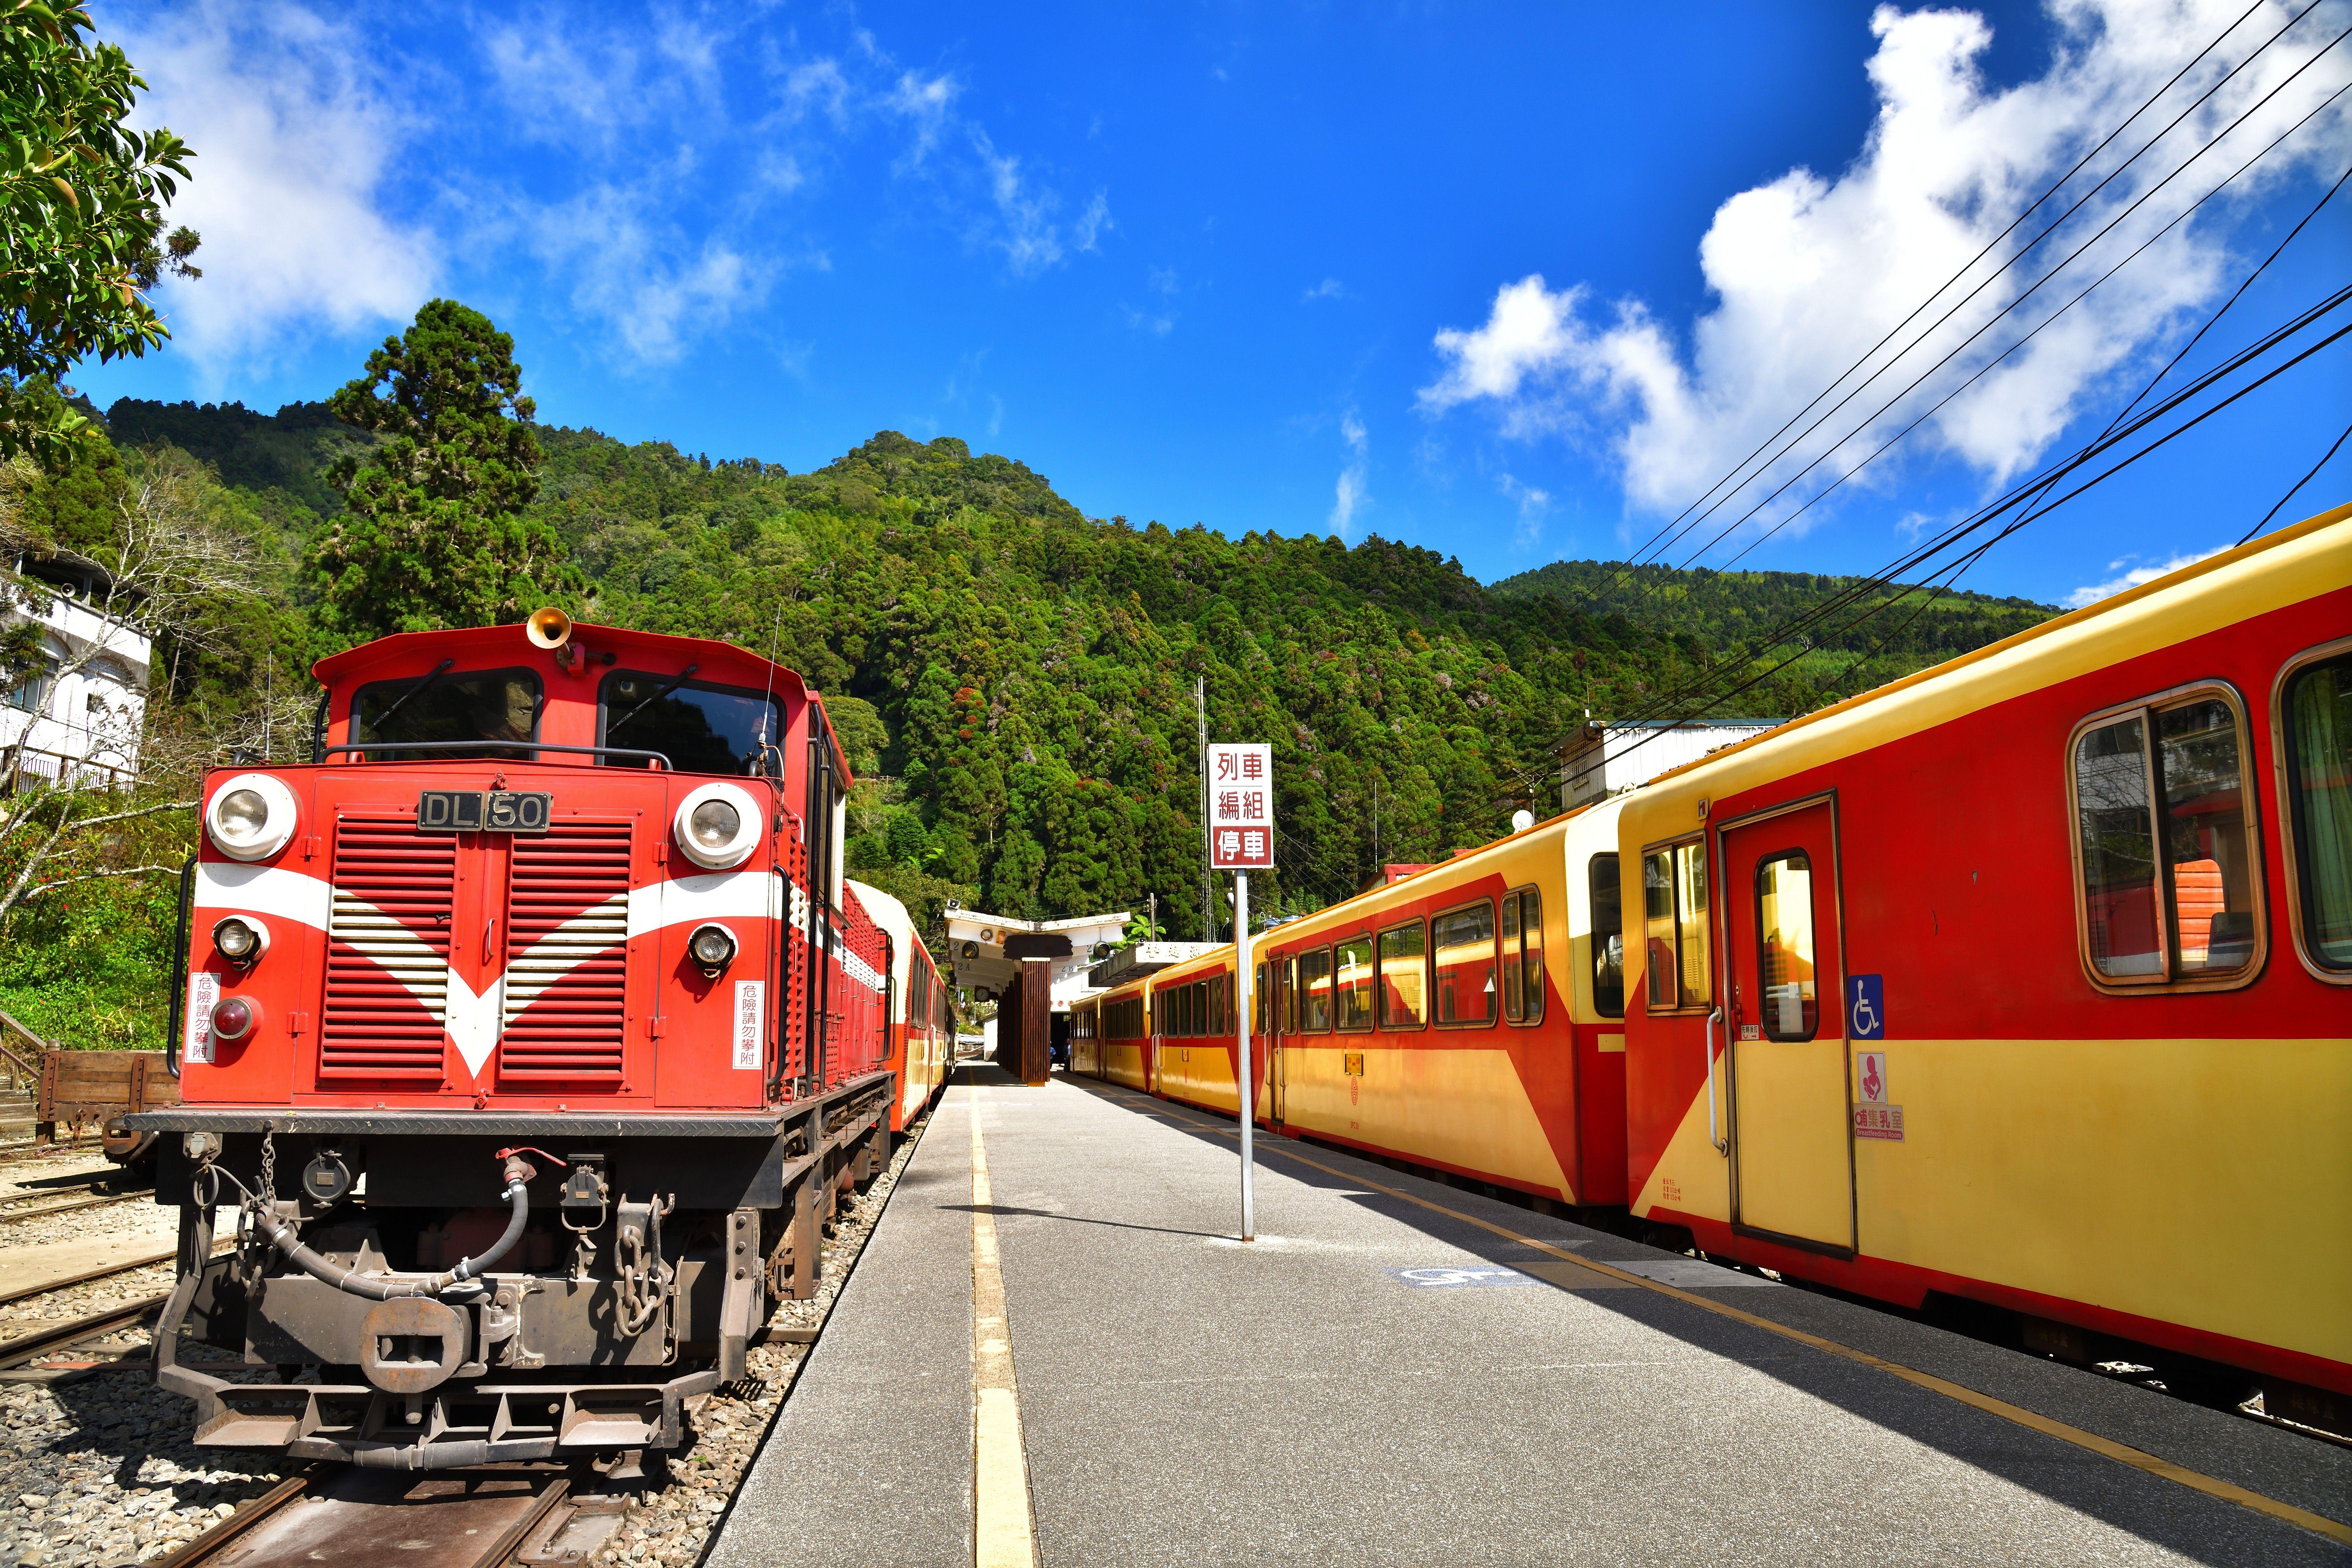 鐵道物語 百年懷舊列車  5天4夜